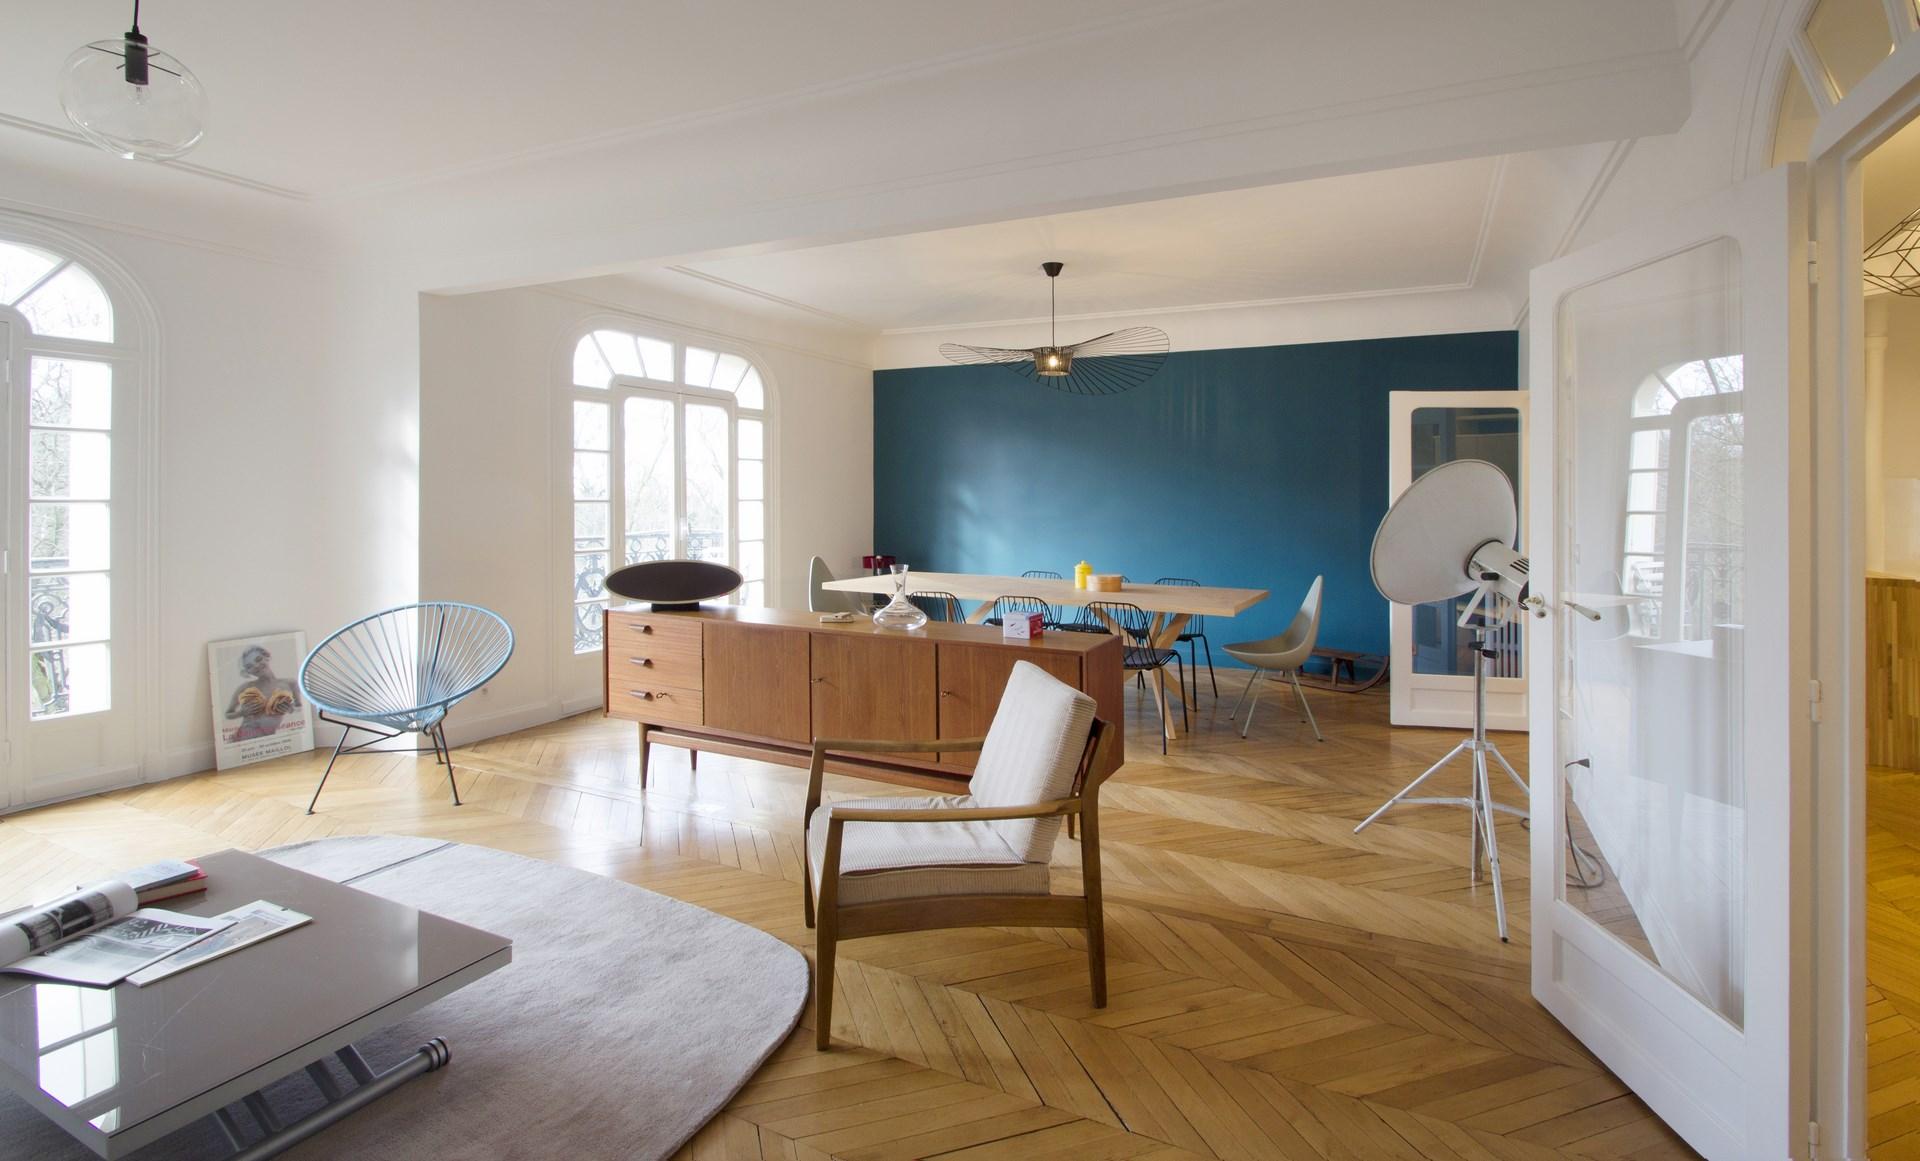 Deco Salon Mur Bleu decoration nordique salon | déco salon scandinave 38 idées